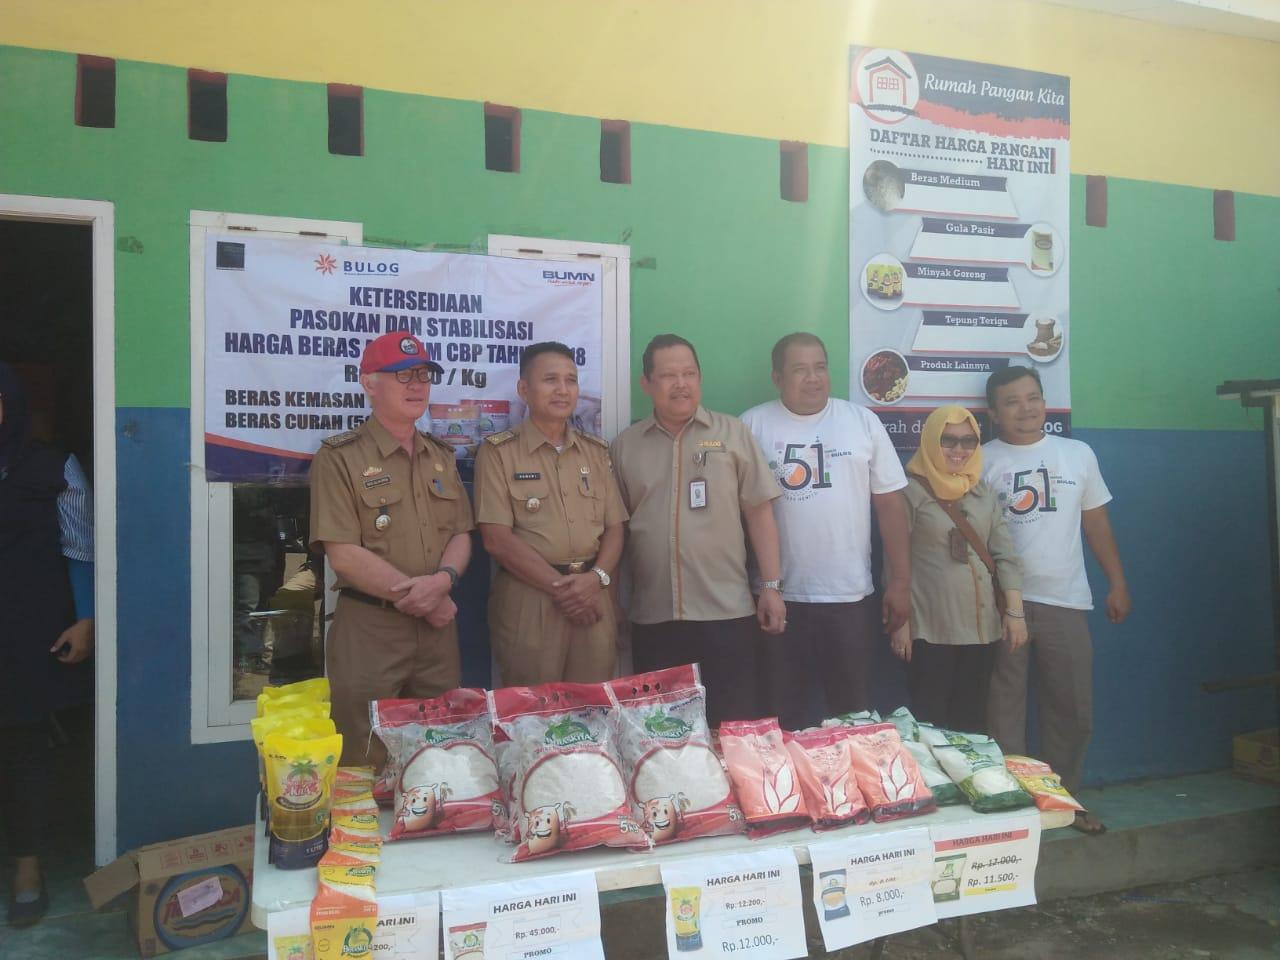 Bulog Divre Lampung Konsisten Lakukan Penetrasi Pasar